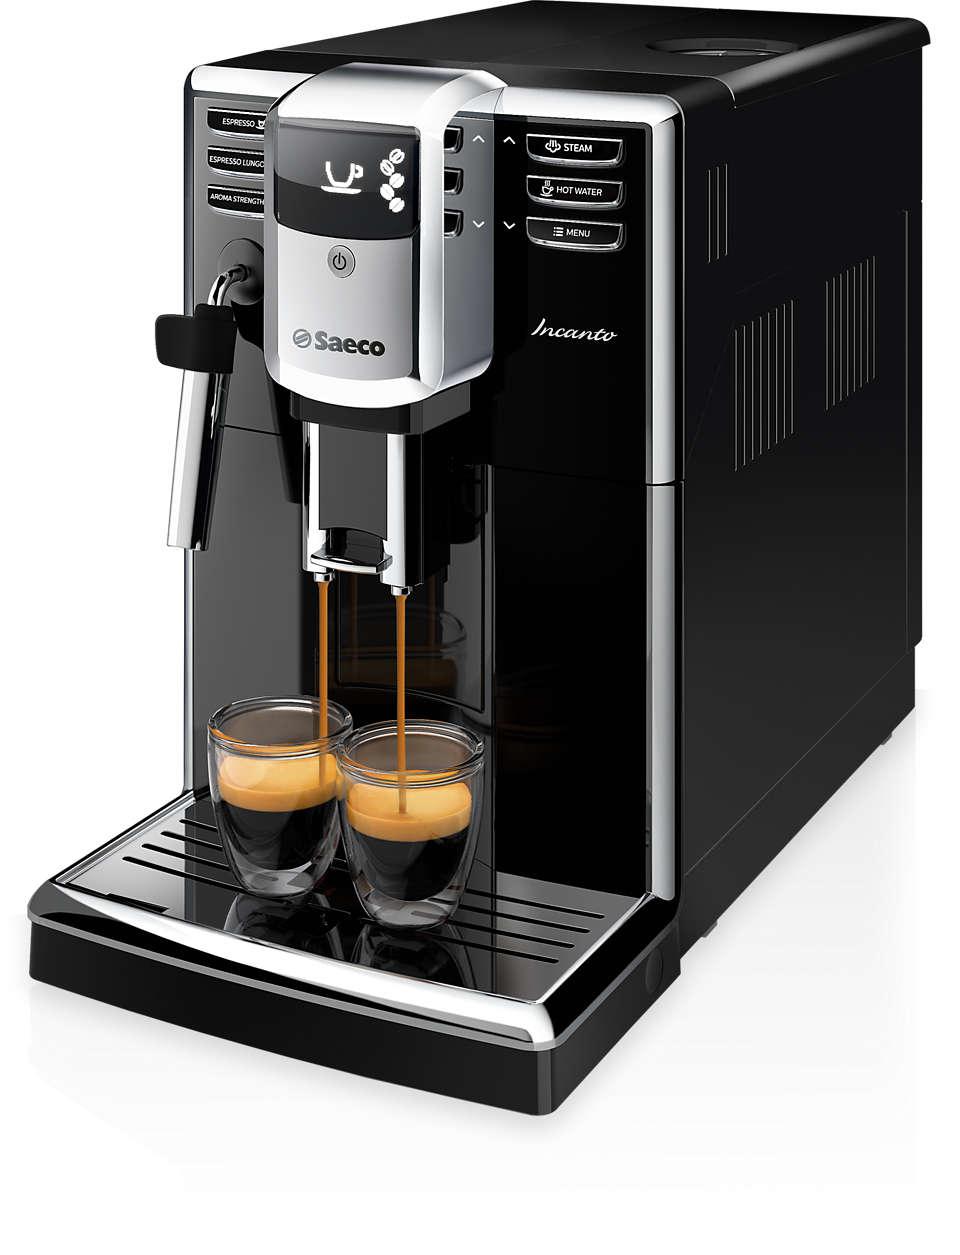 Diseño elegante. Calidad del café impresionante.